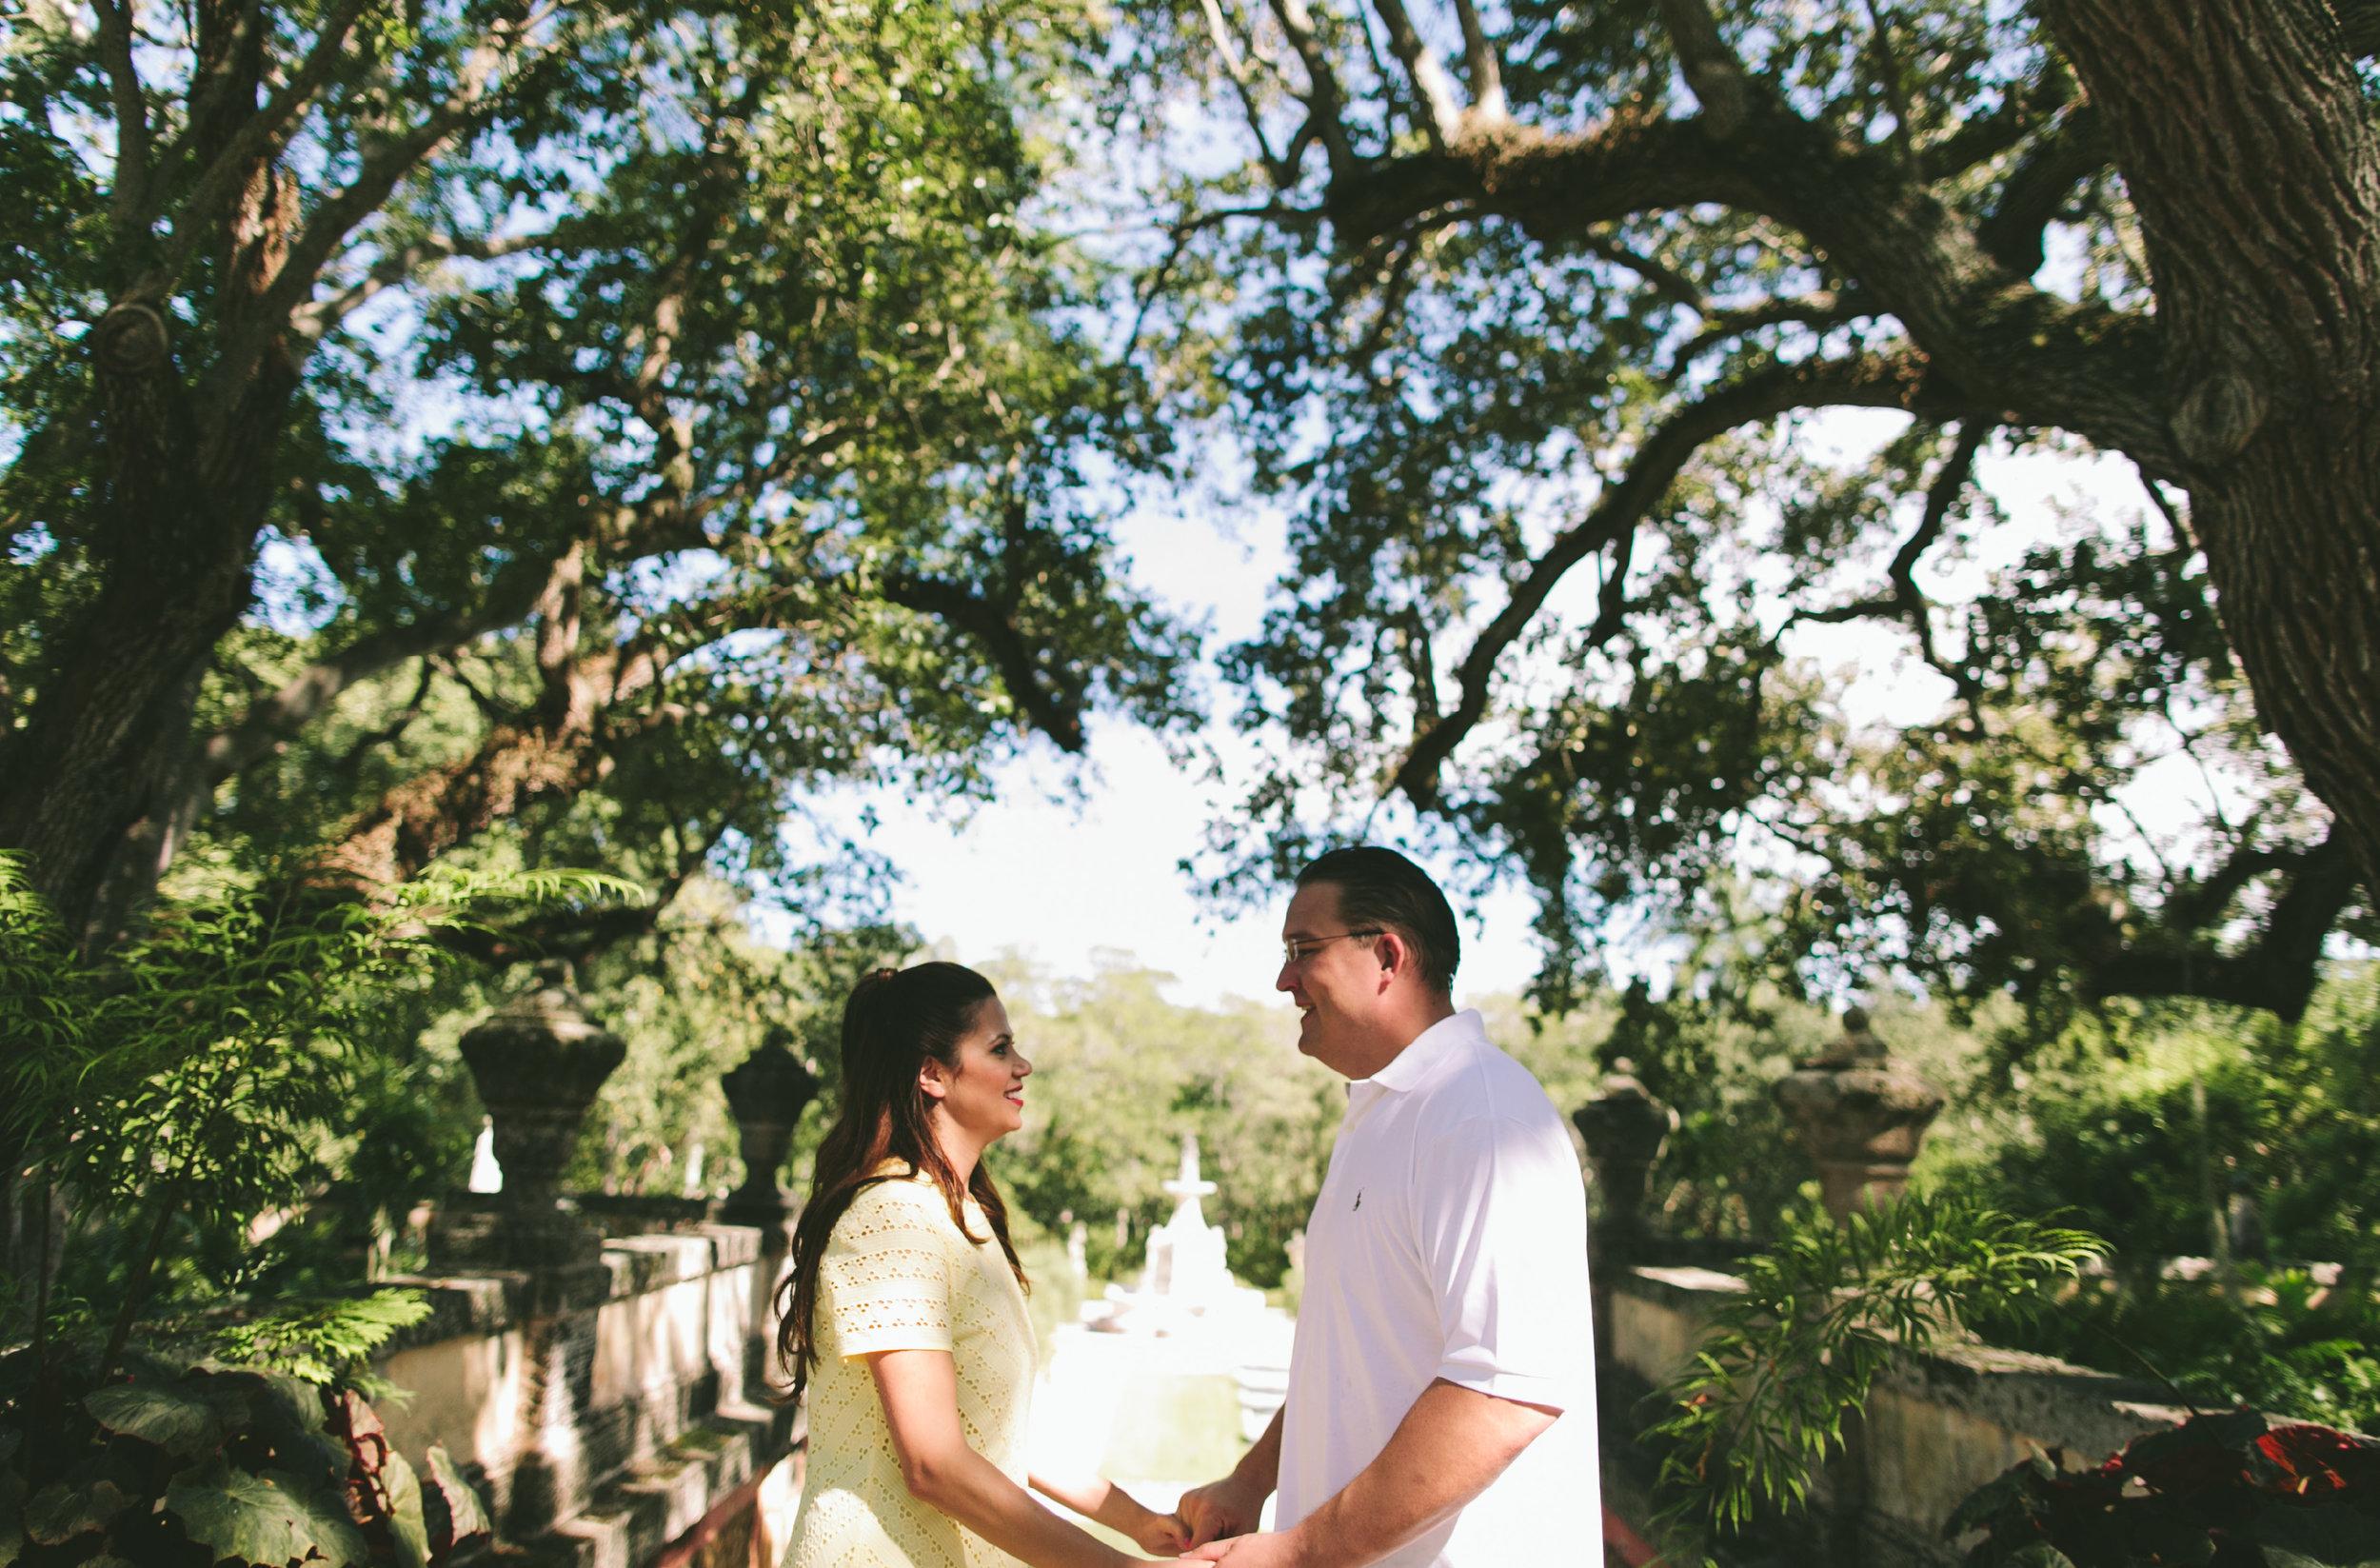 Yvette + Aaron Vizcaya Engagement Shoot11.jpg